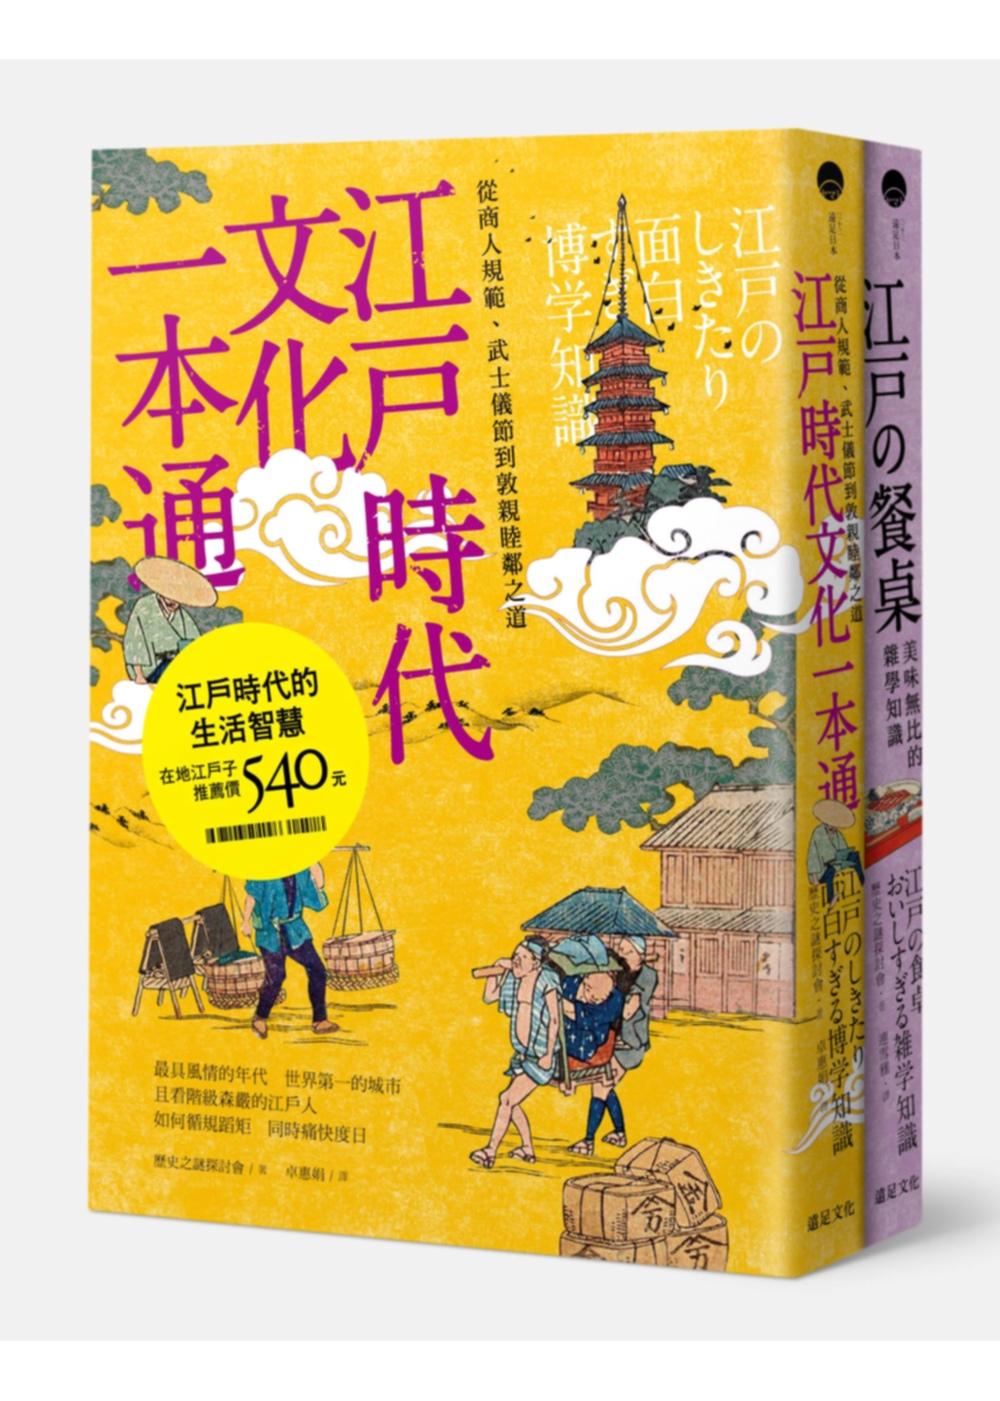 江戶時代的生活智慧 套書 (江戶的餐桌+江戶時代 文化一本通)